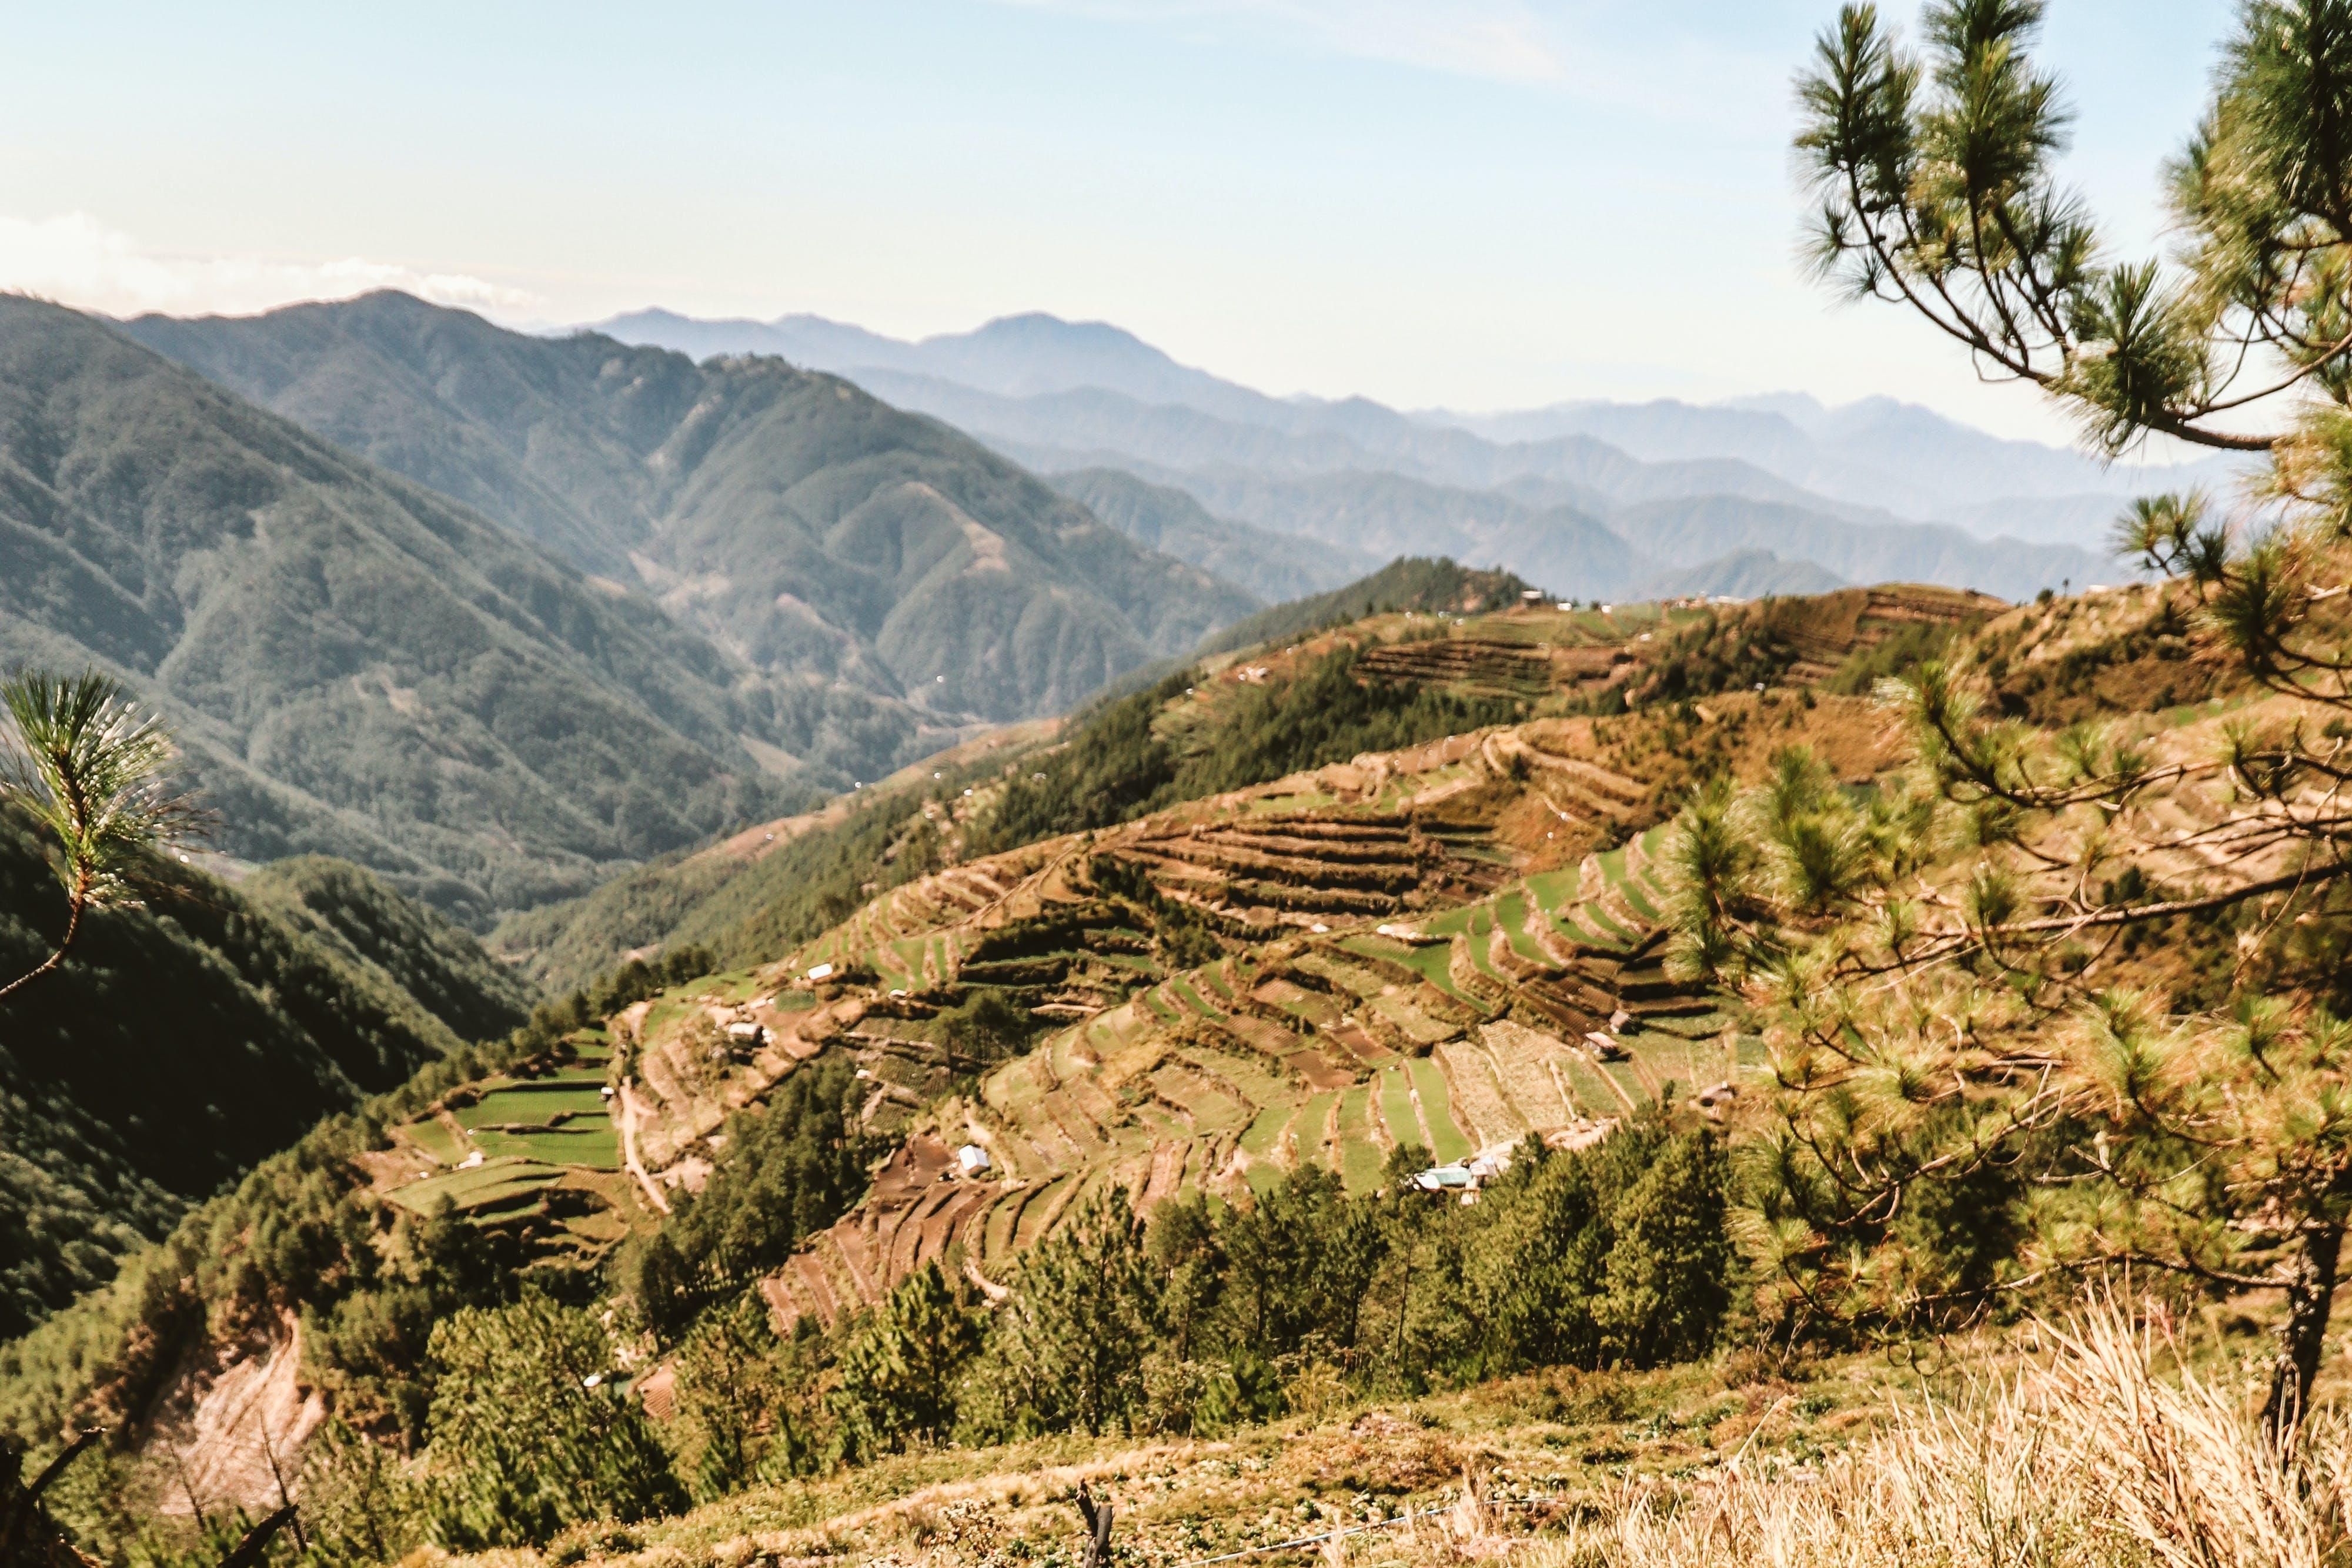 Kostenloses Stock Foto zu berg, natur, philippinen, reisterrassen